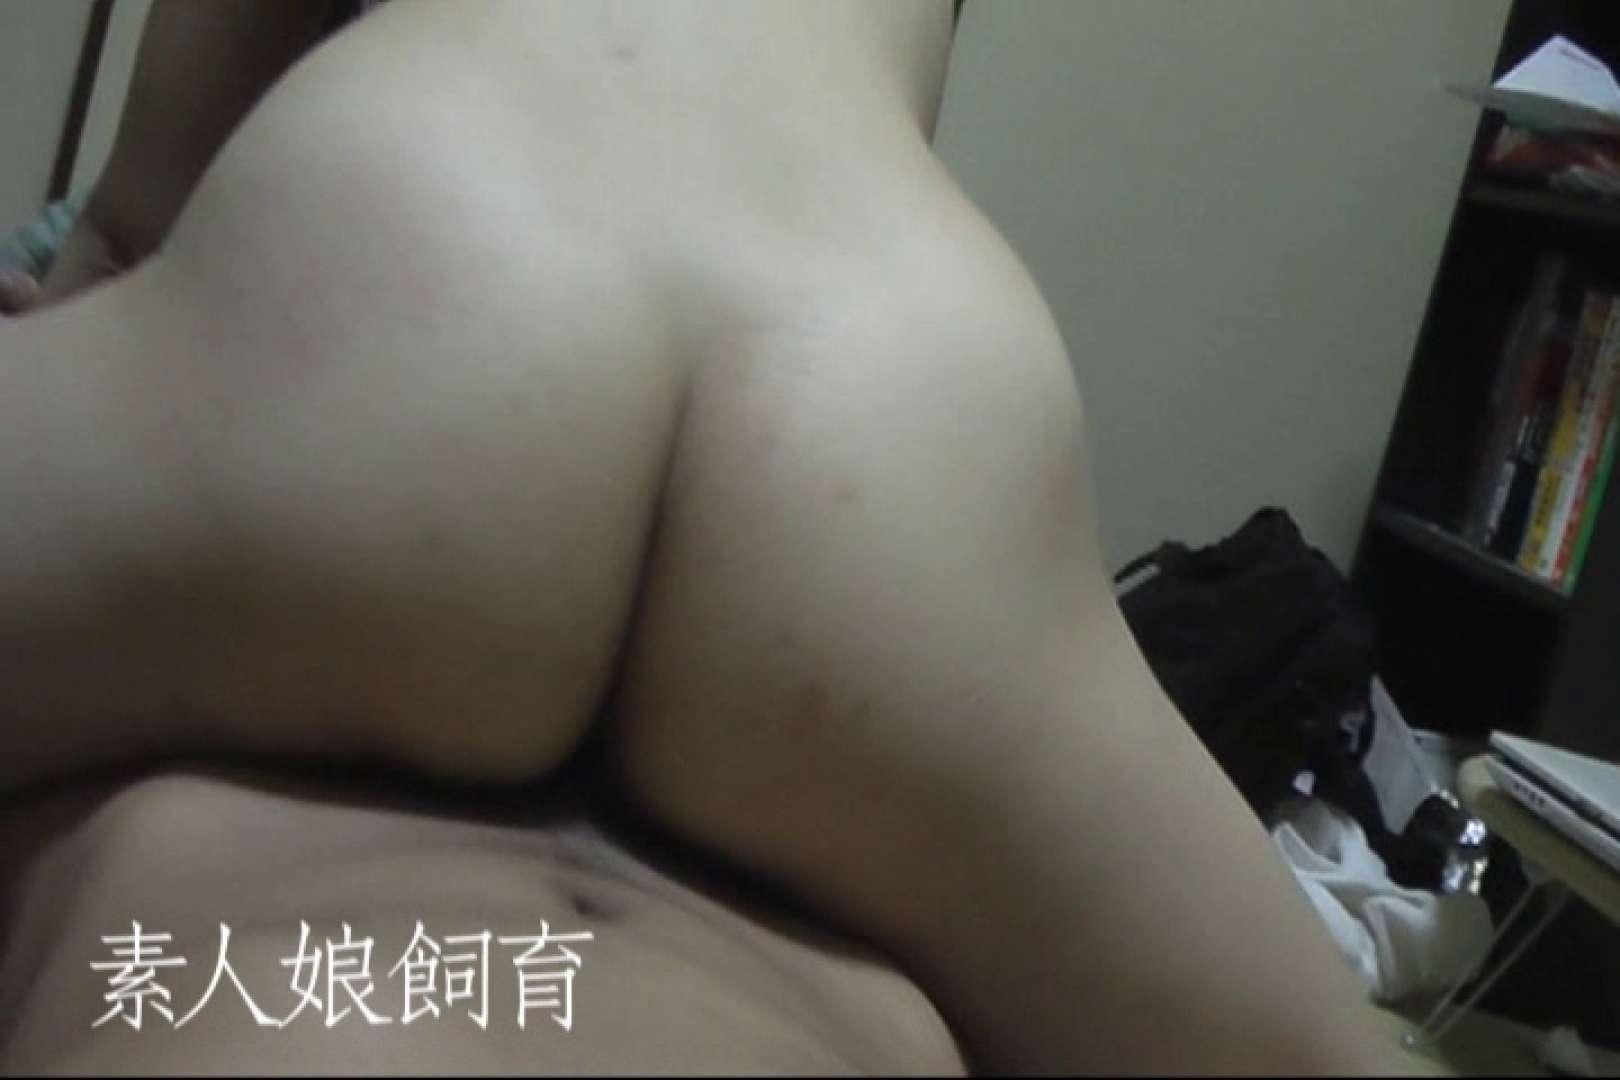 トイレ盗撮|素人嬢飼育~お前の餌は他人棒~WEBで晒する為にハメ撮り|大奥